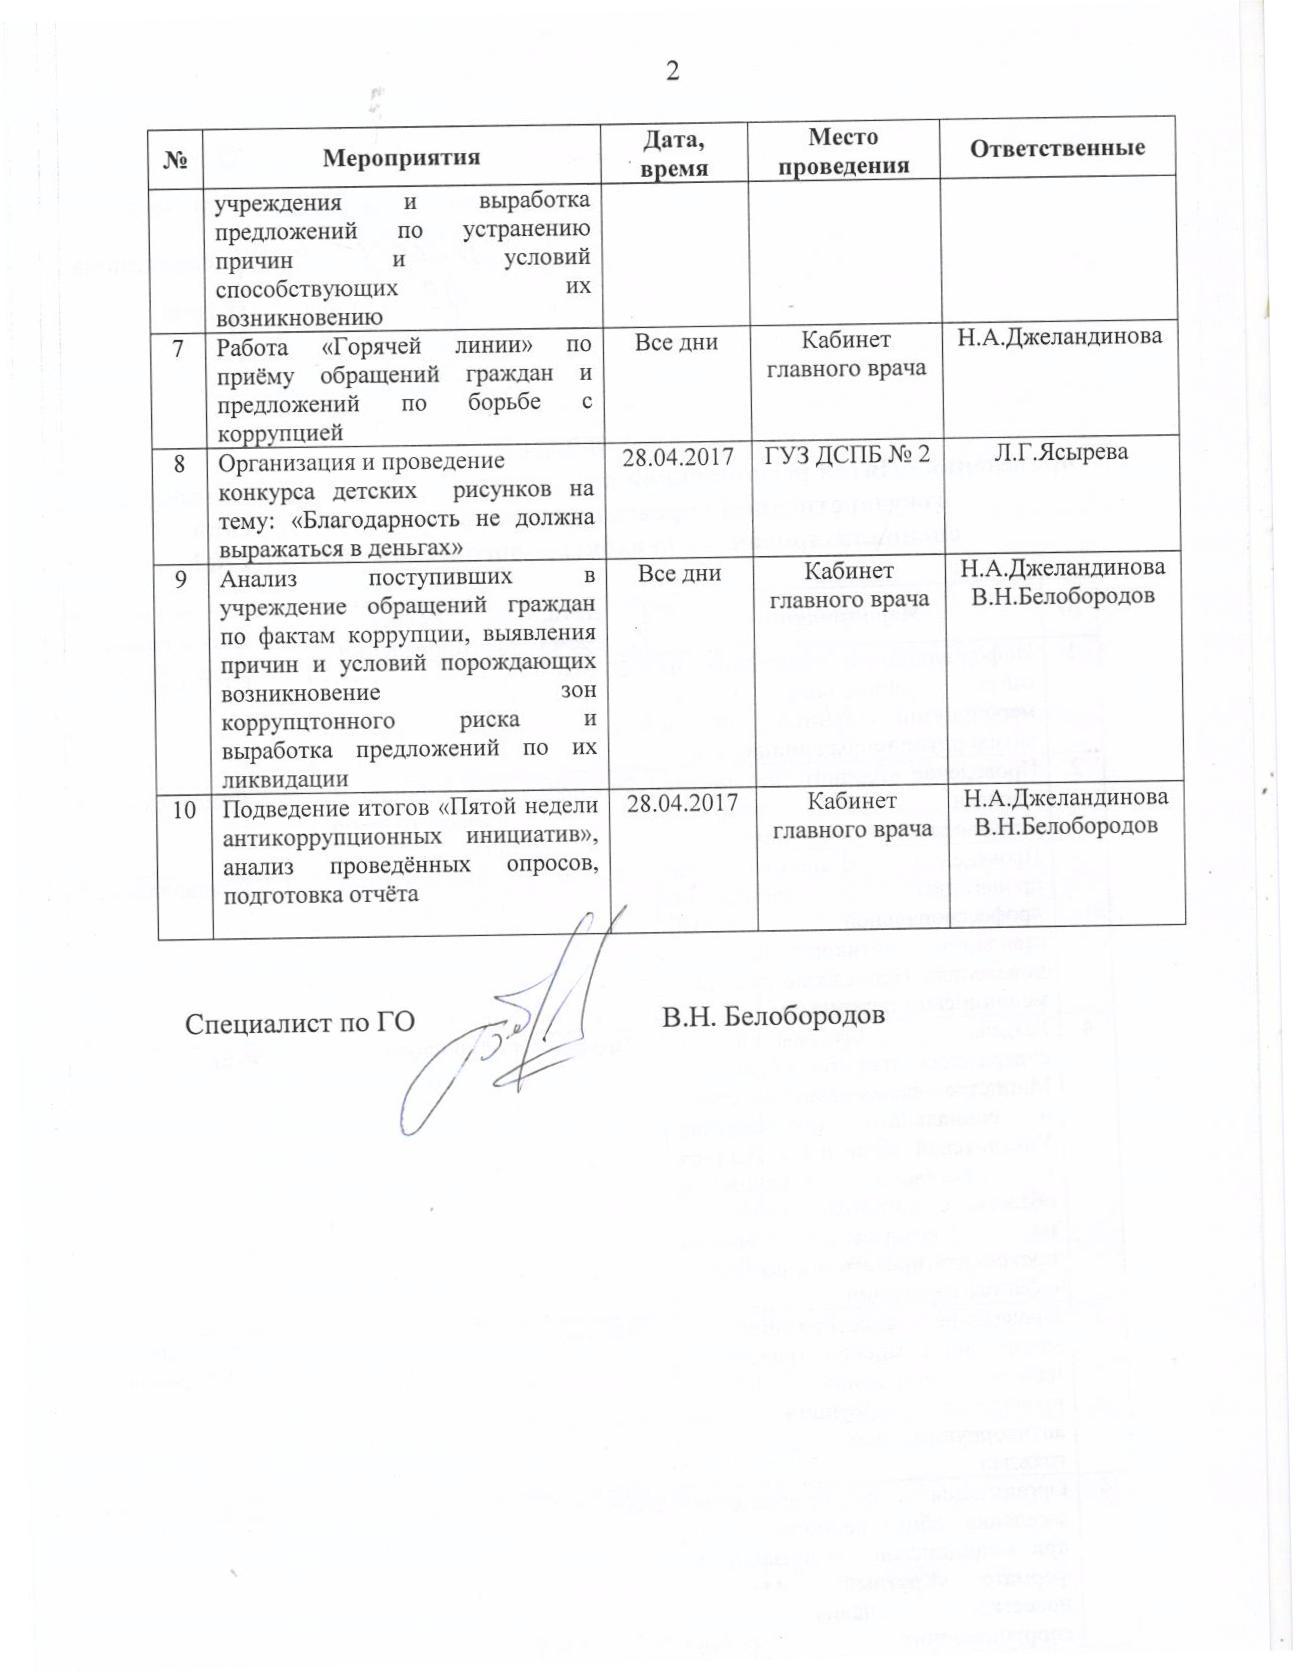 План проведения Y недели антикоррупционных инициатив 001